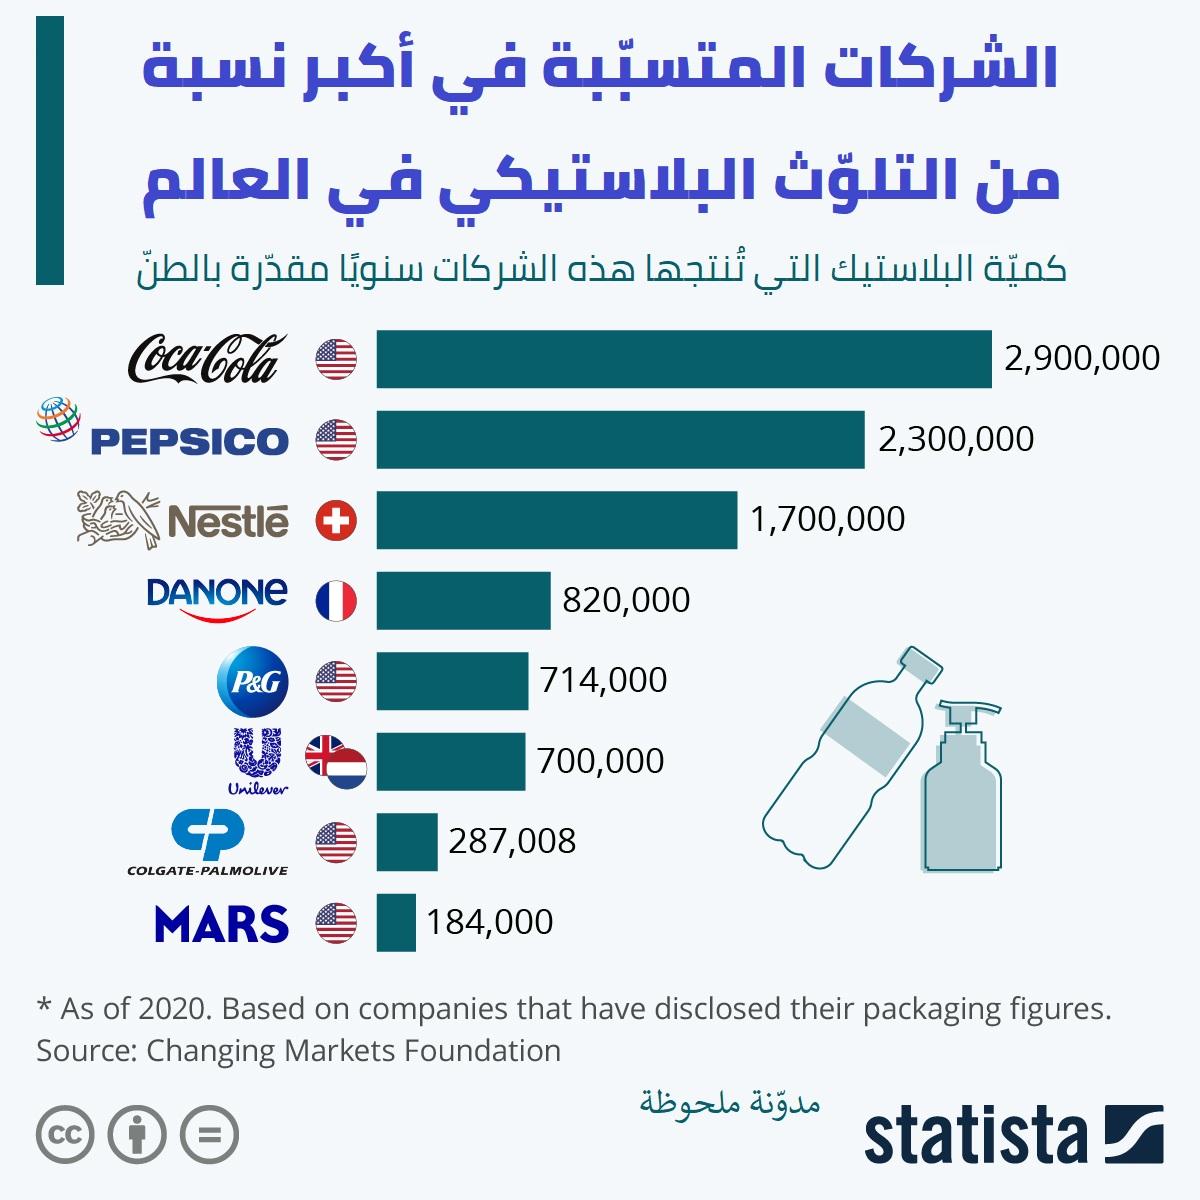 الشركات المتسببة في أكبر نسبة من التلوث البلاستيكي في العالم